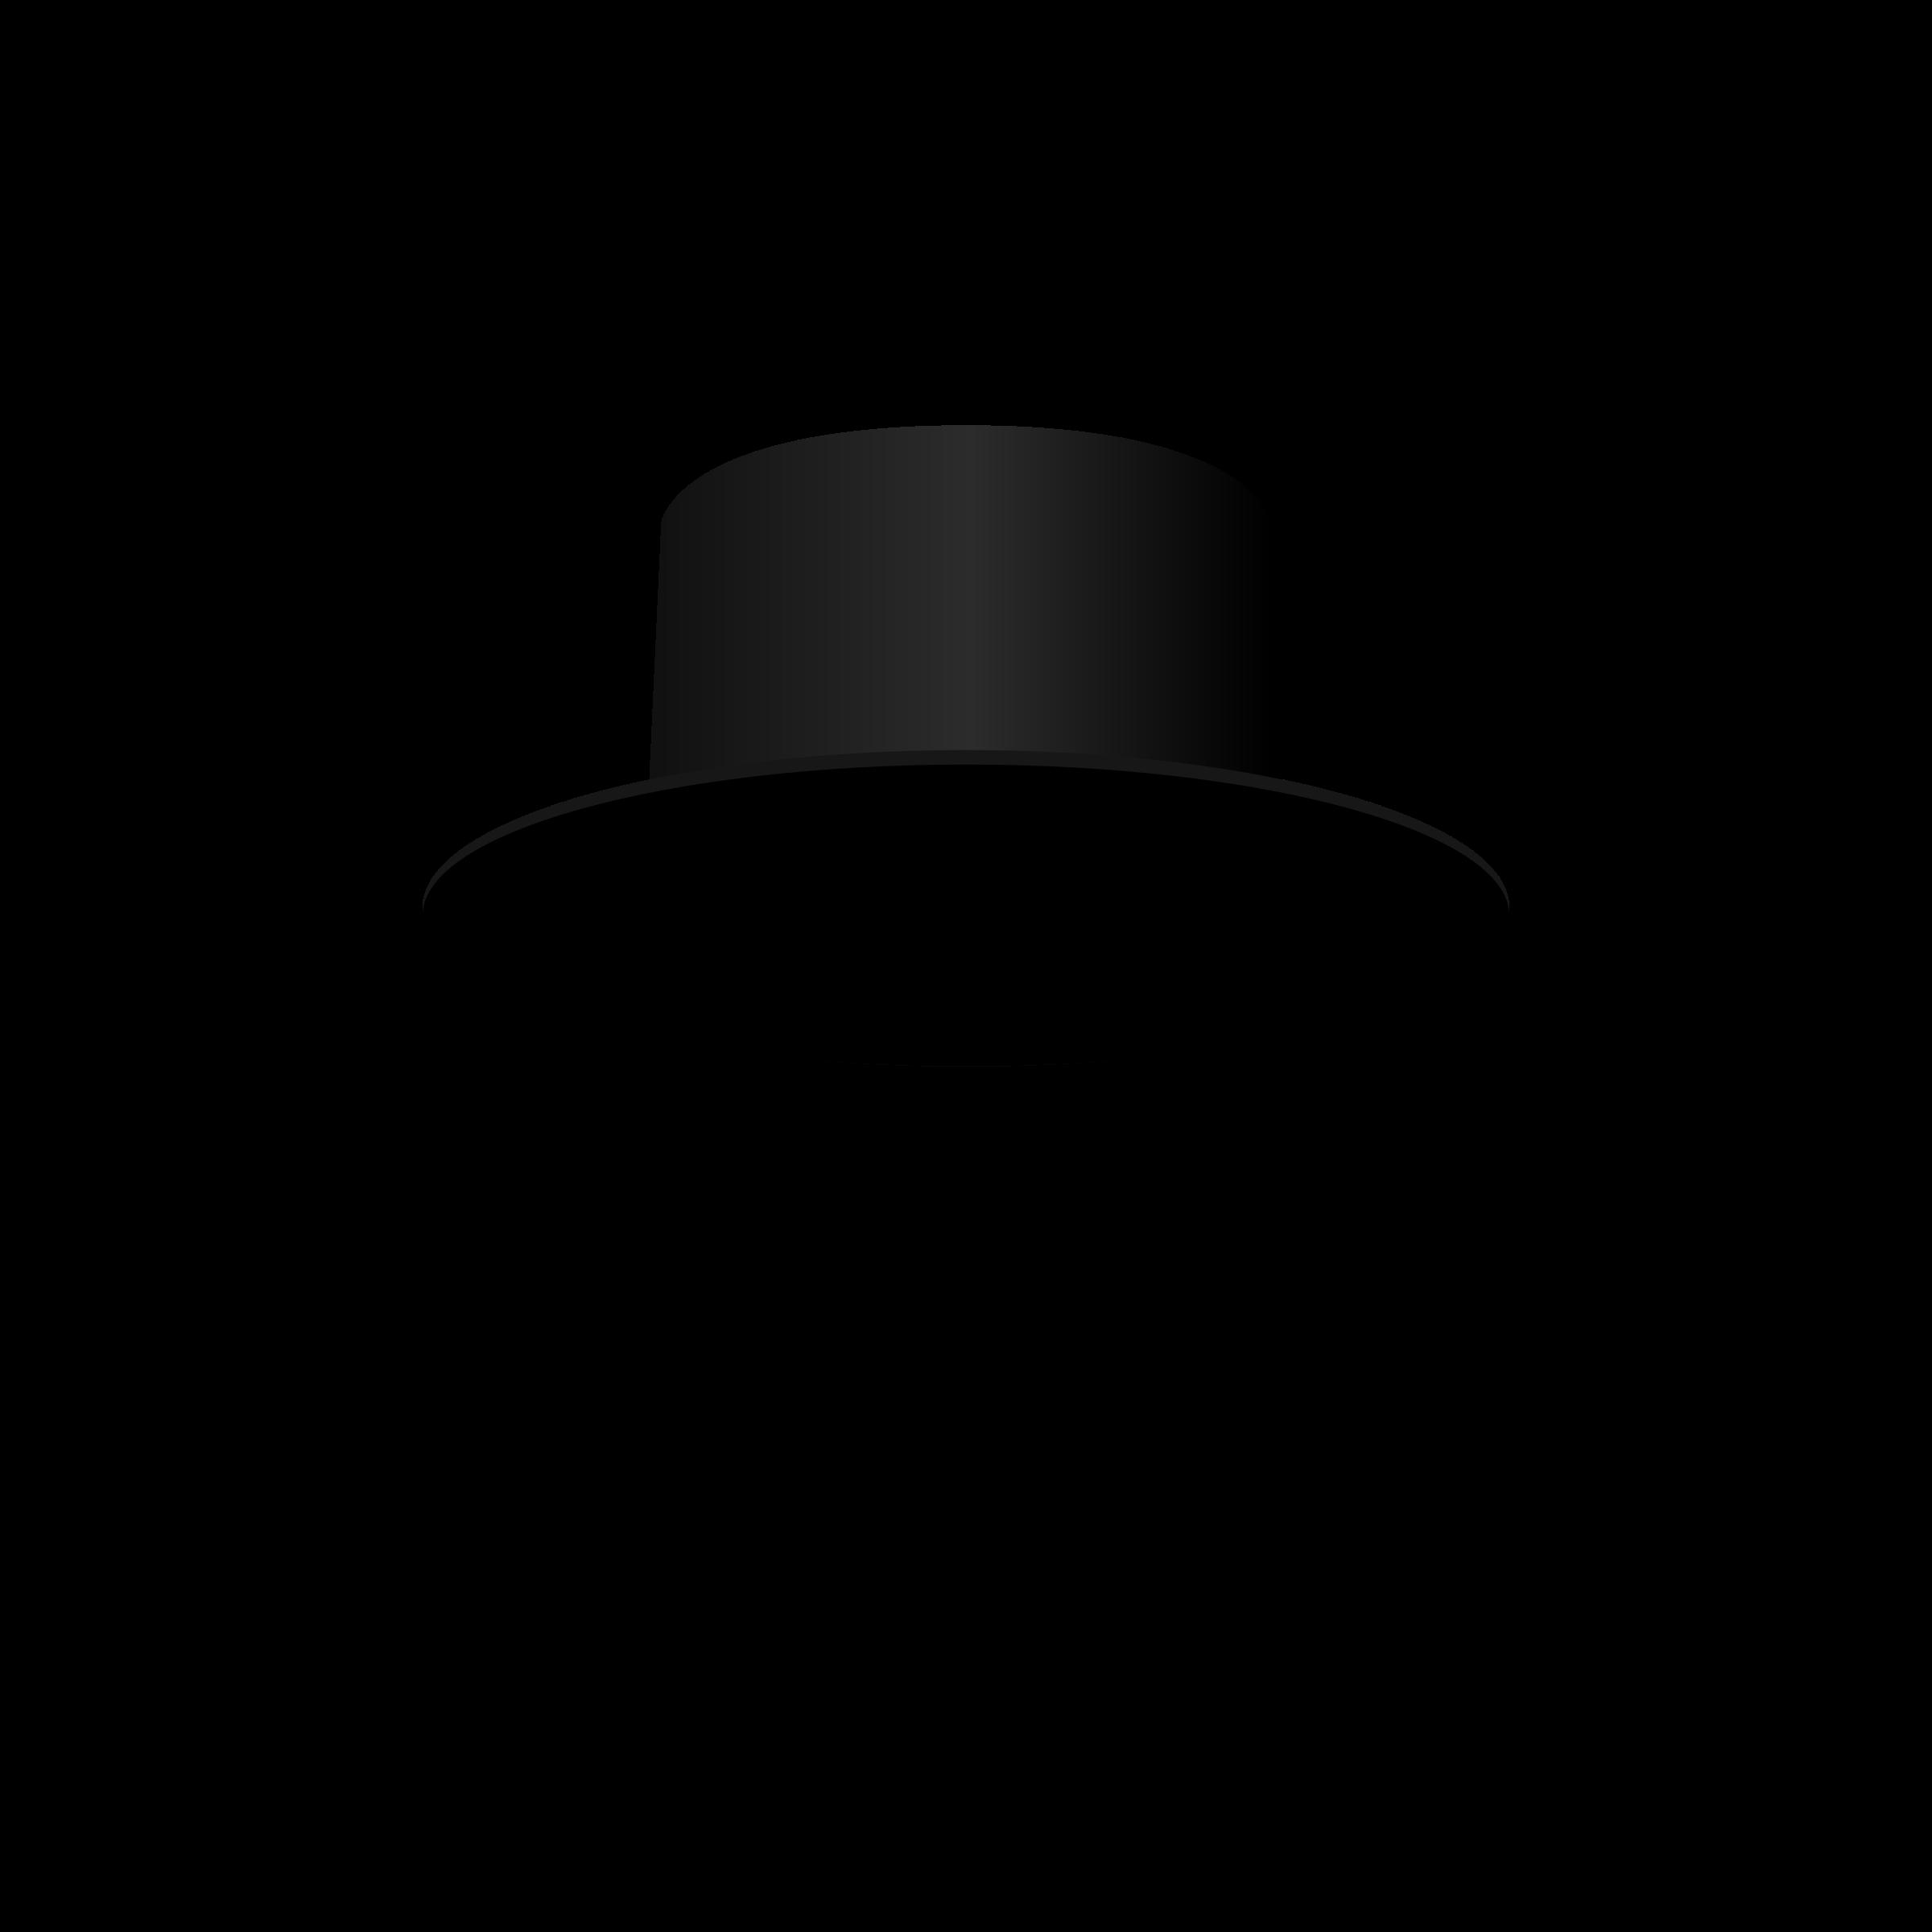 vector transparent download Rabbi clipart. Java big image png.